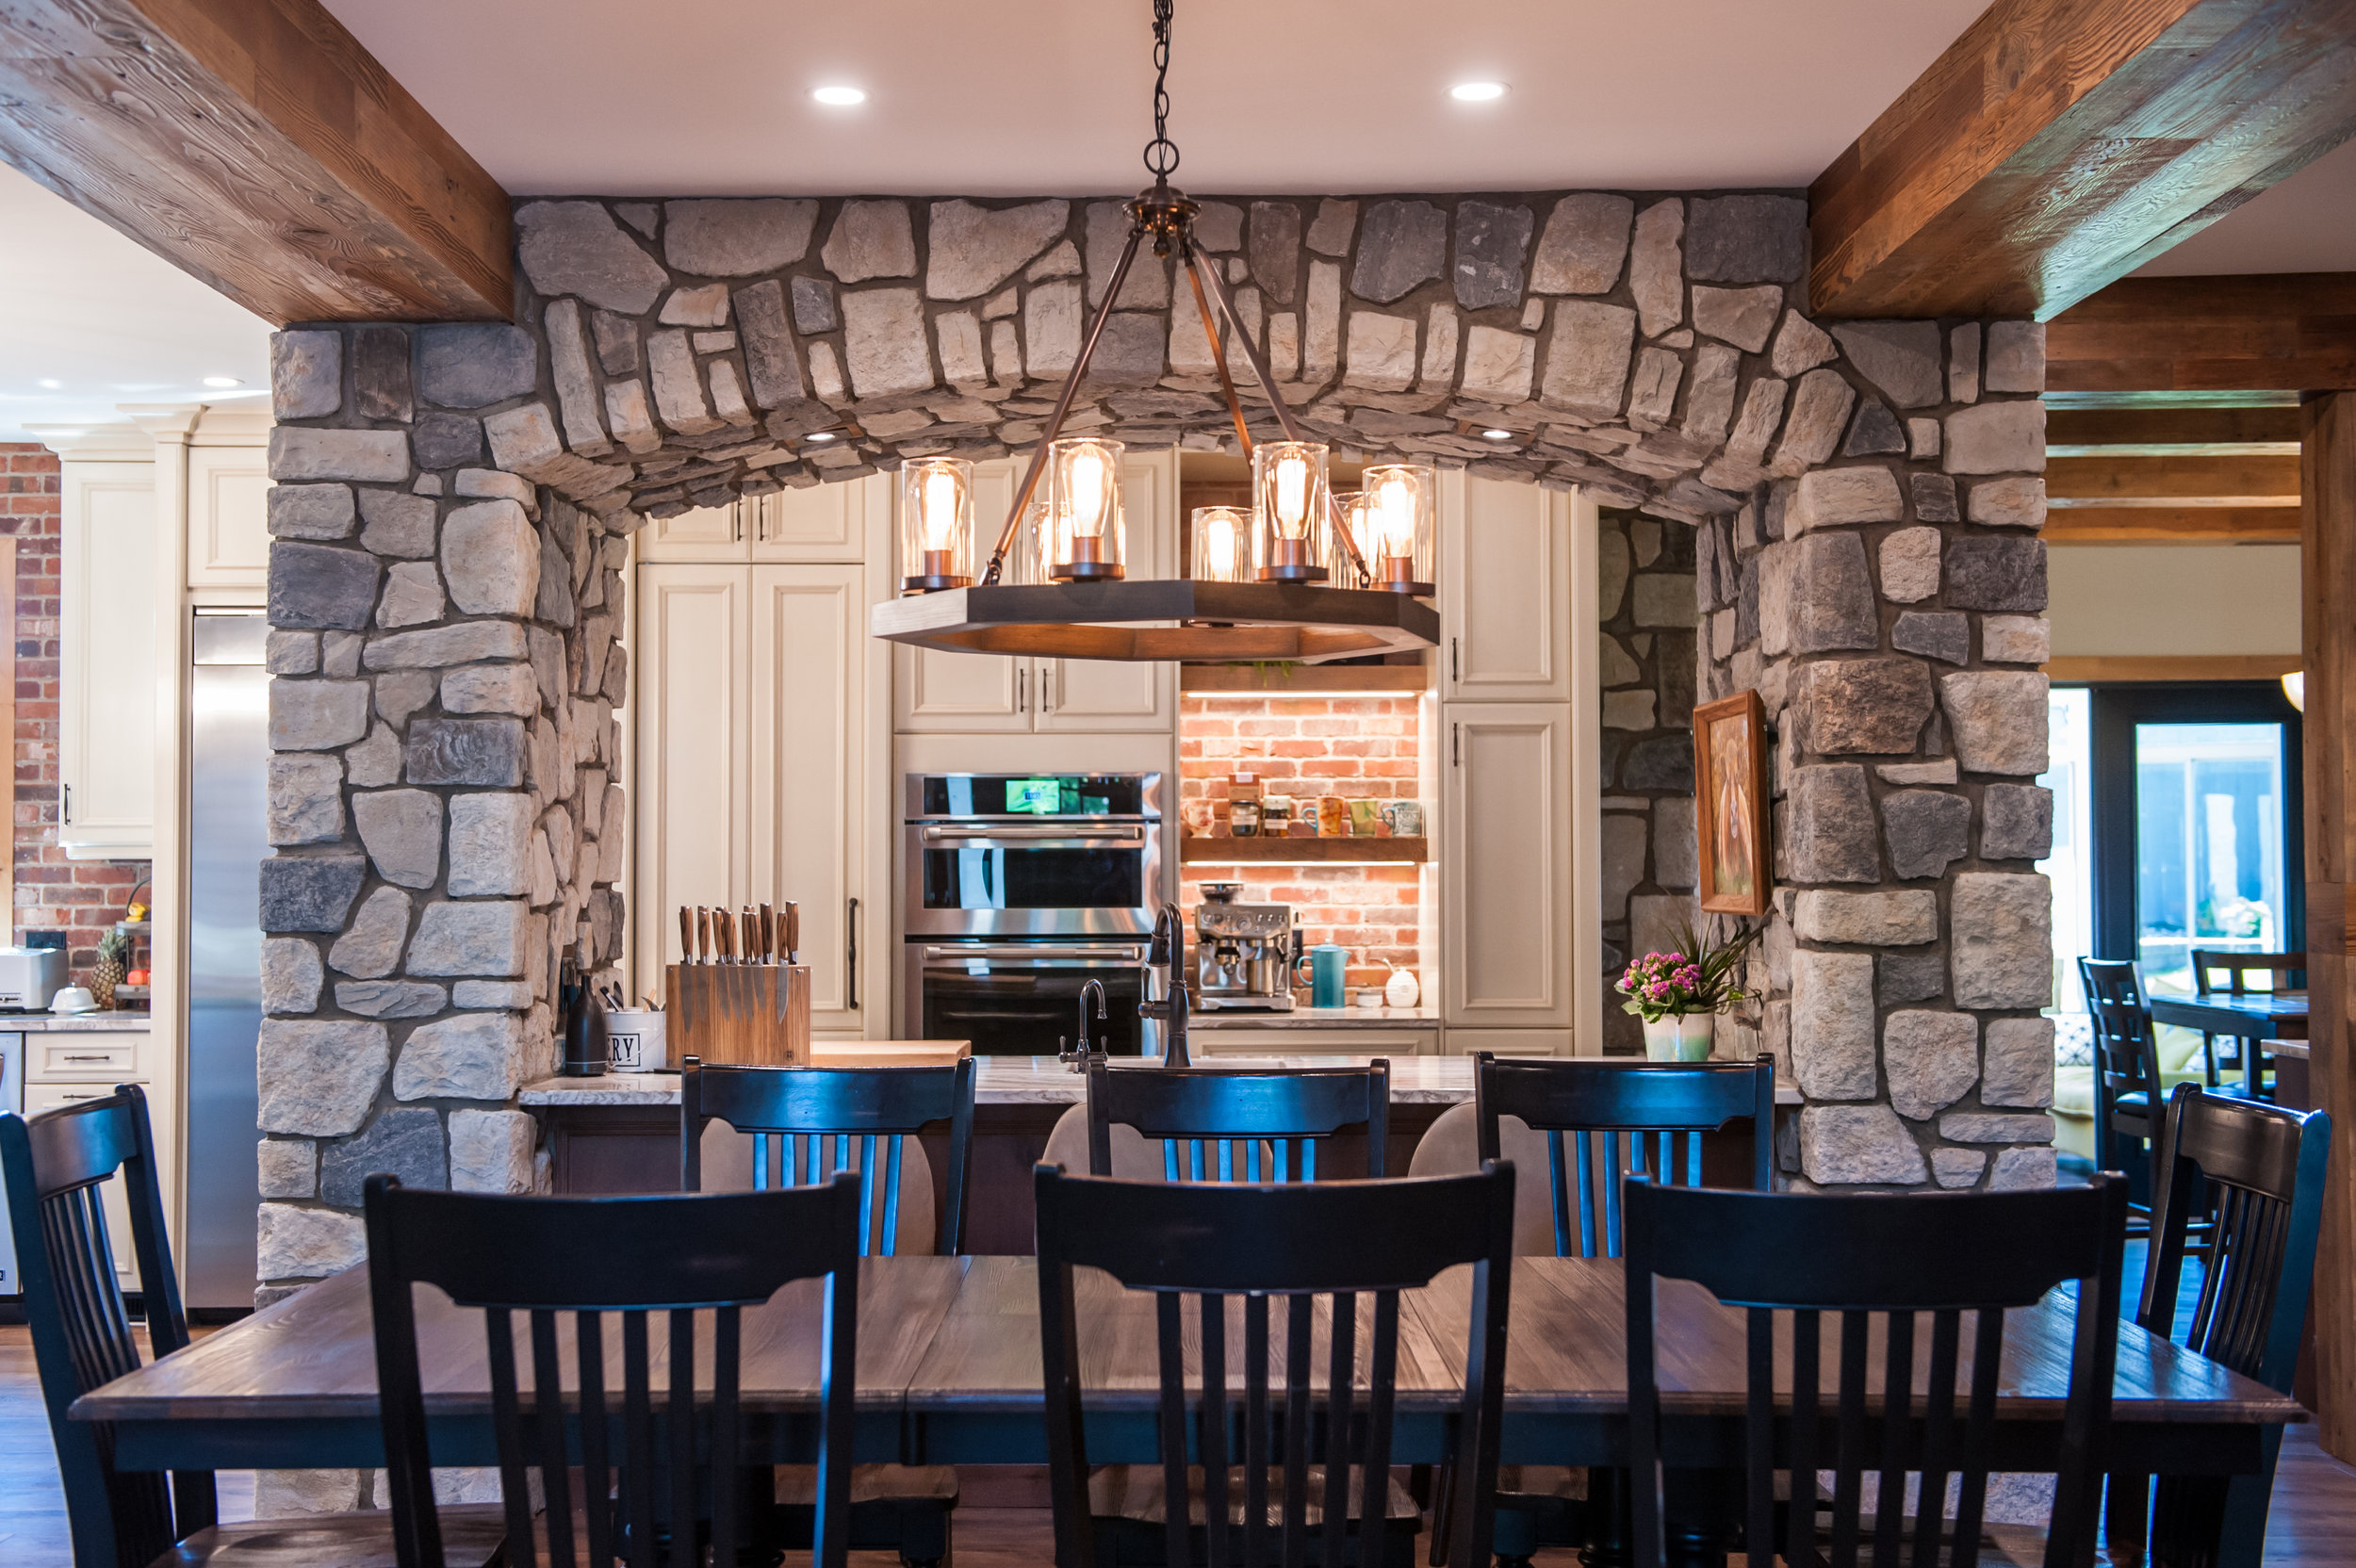 stone_archway_kitchen_island